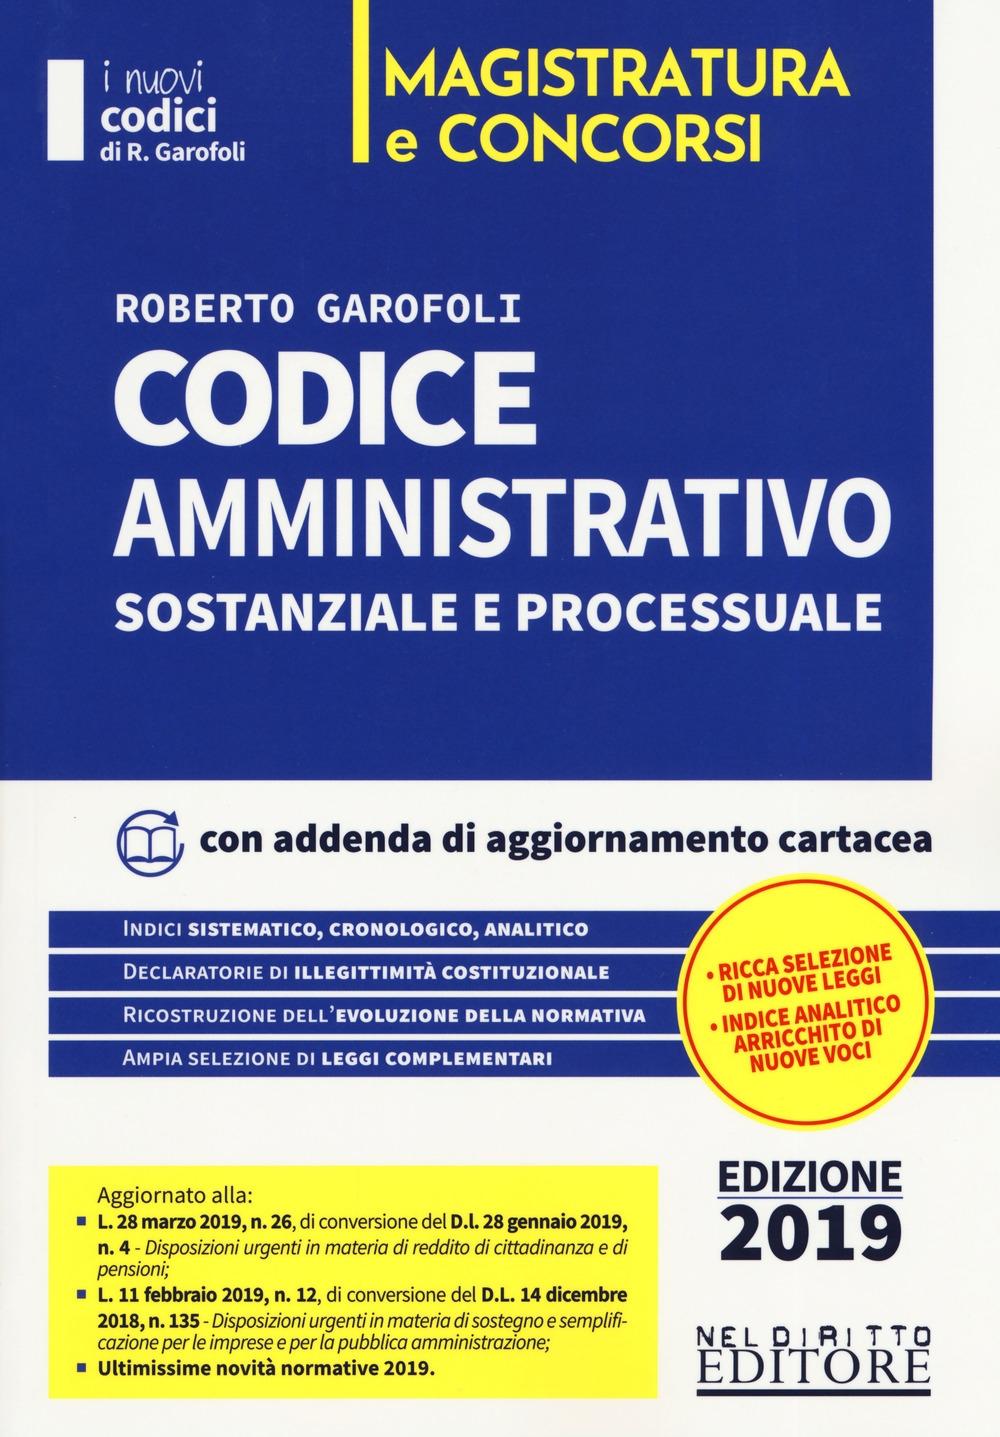 CODICE AMMINISTRATIVO sostanziale e processuale